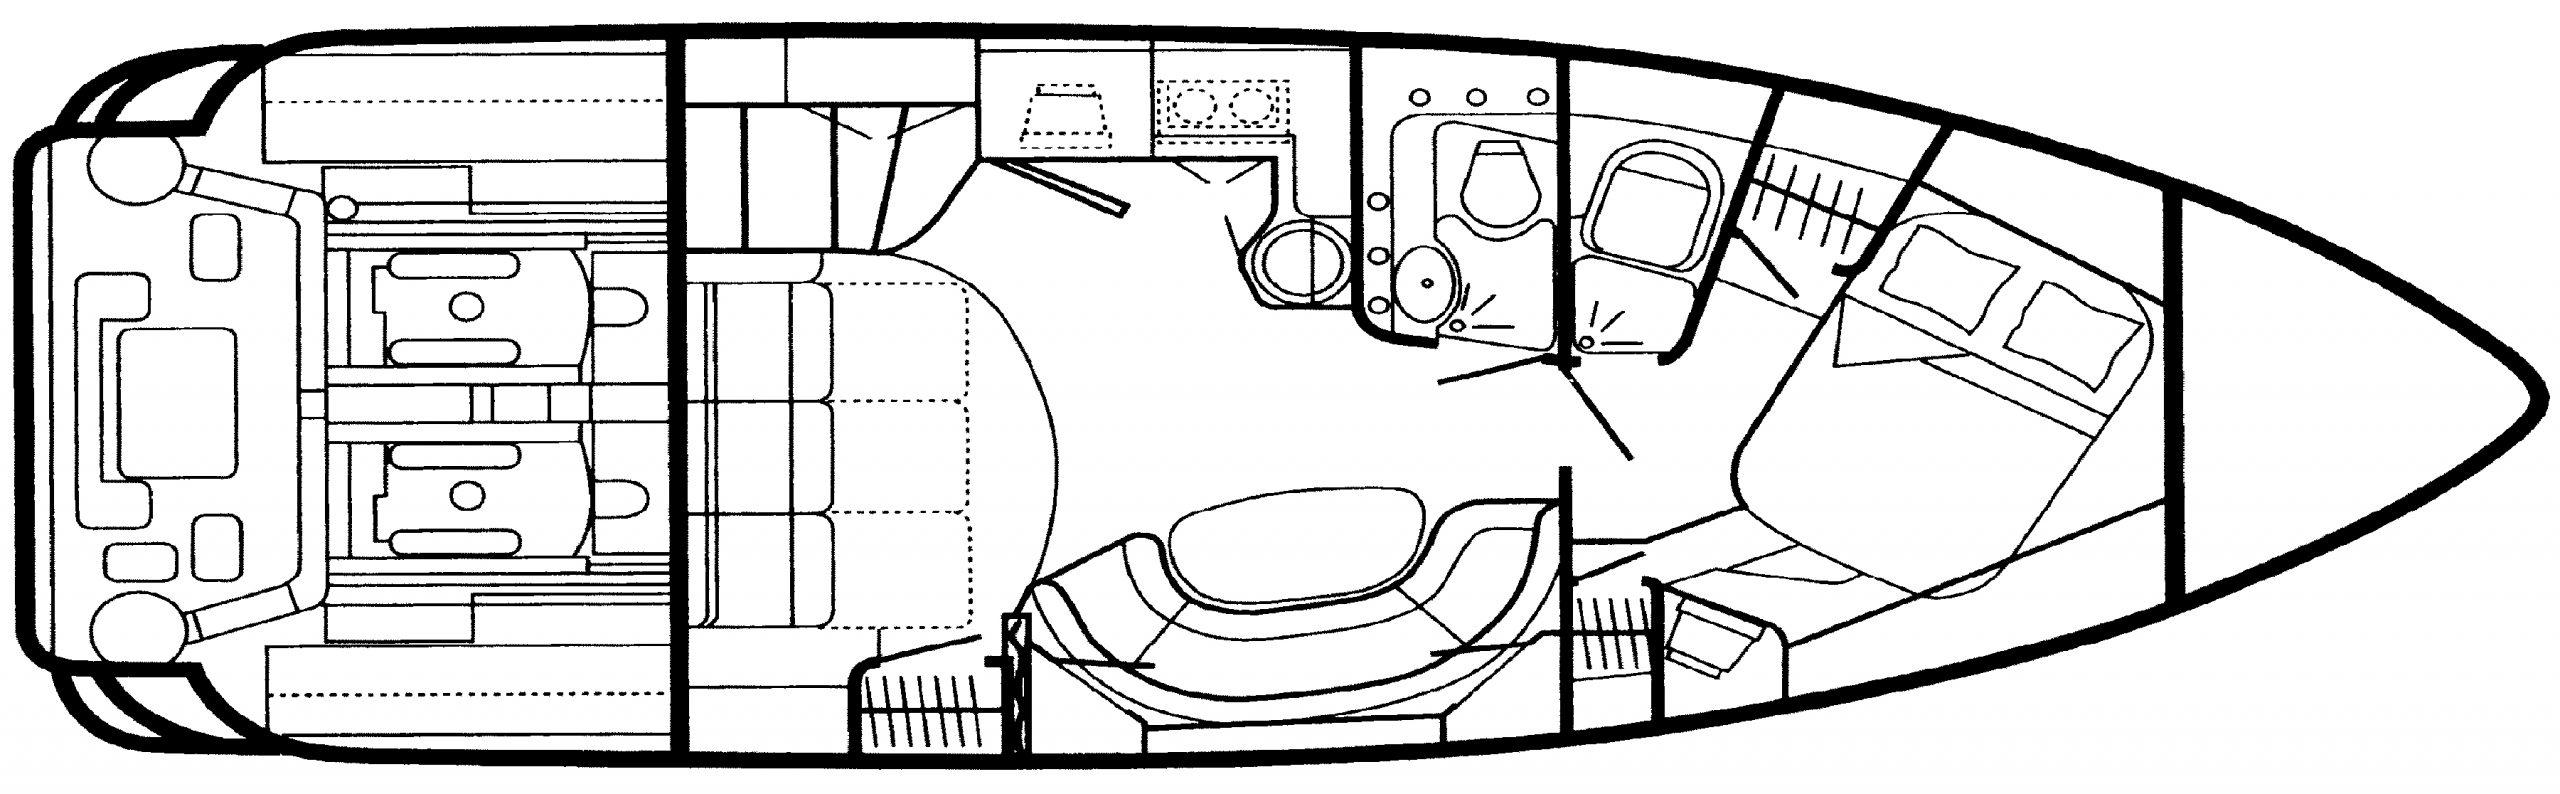 3672-3772-370 Express Floor Plan 2